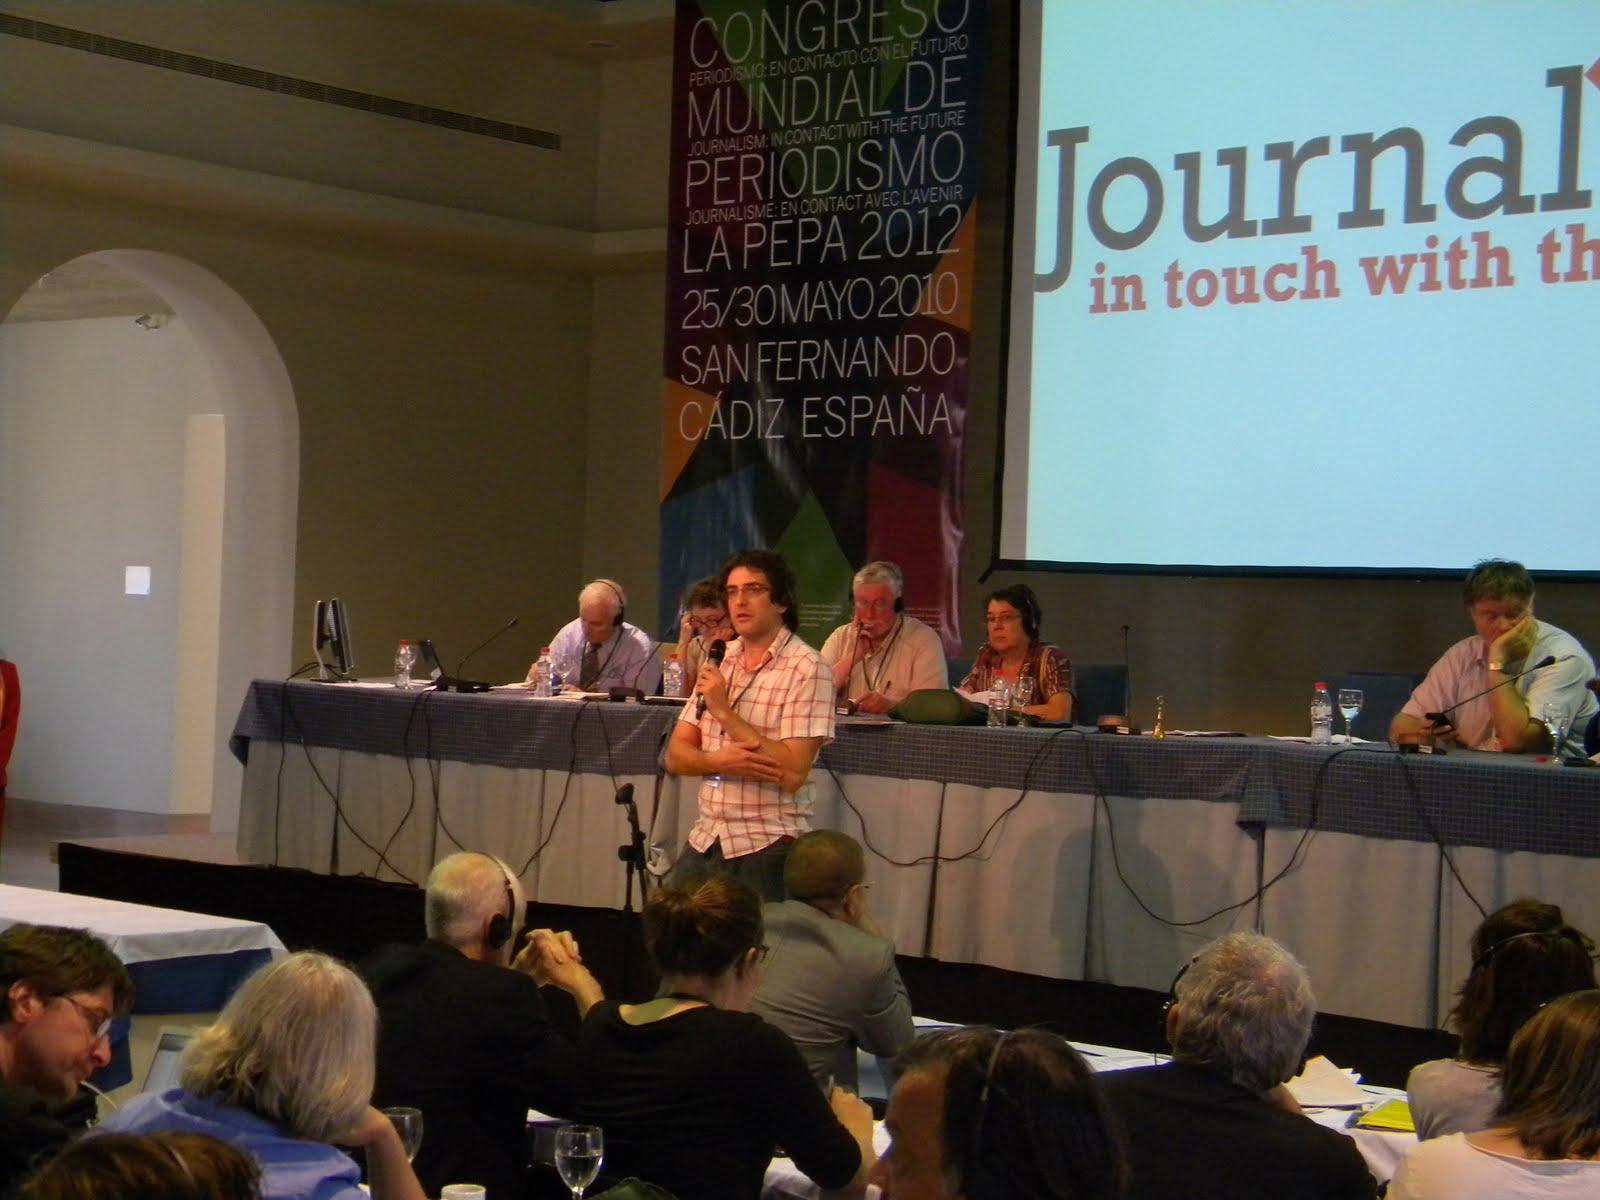 Gustavo Granero, vicepresidente de la FIP